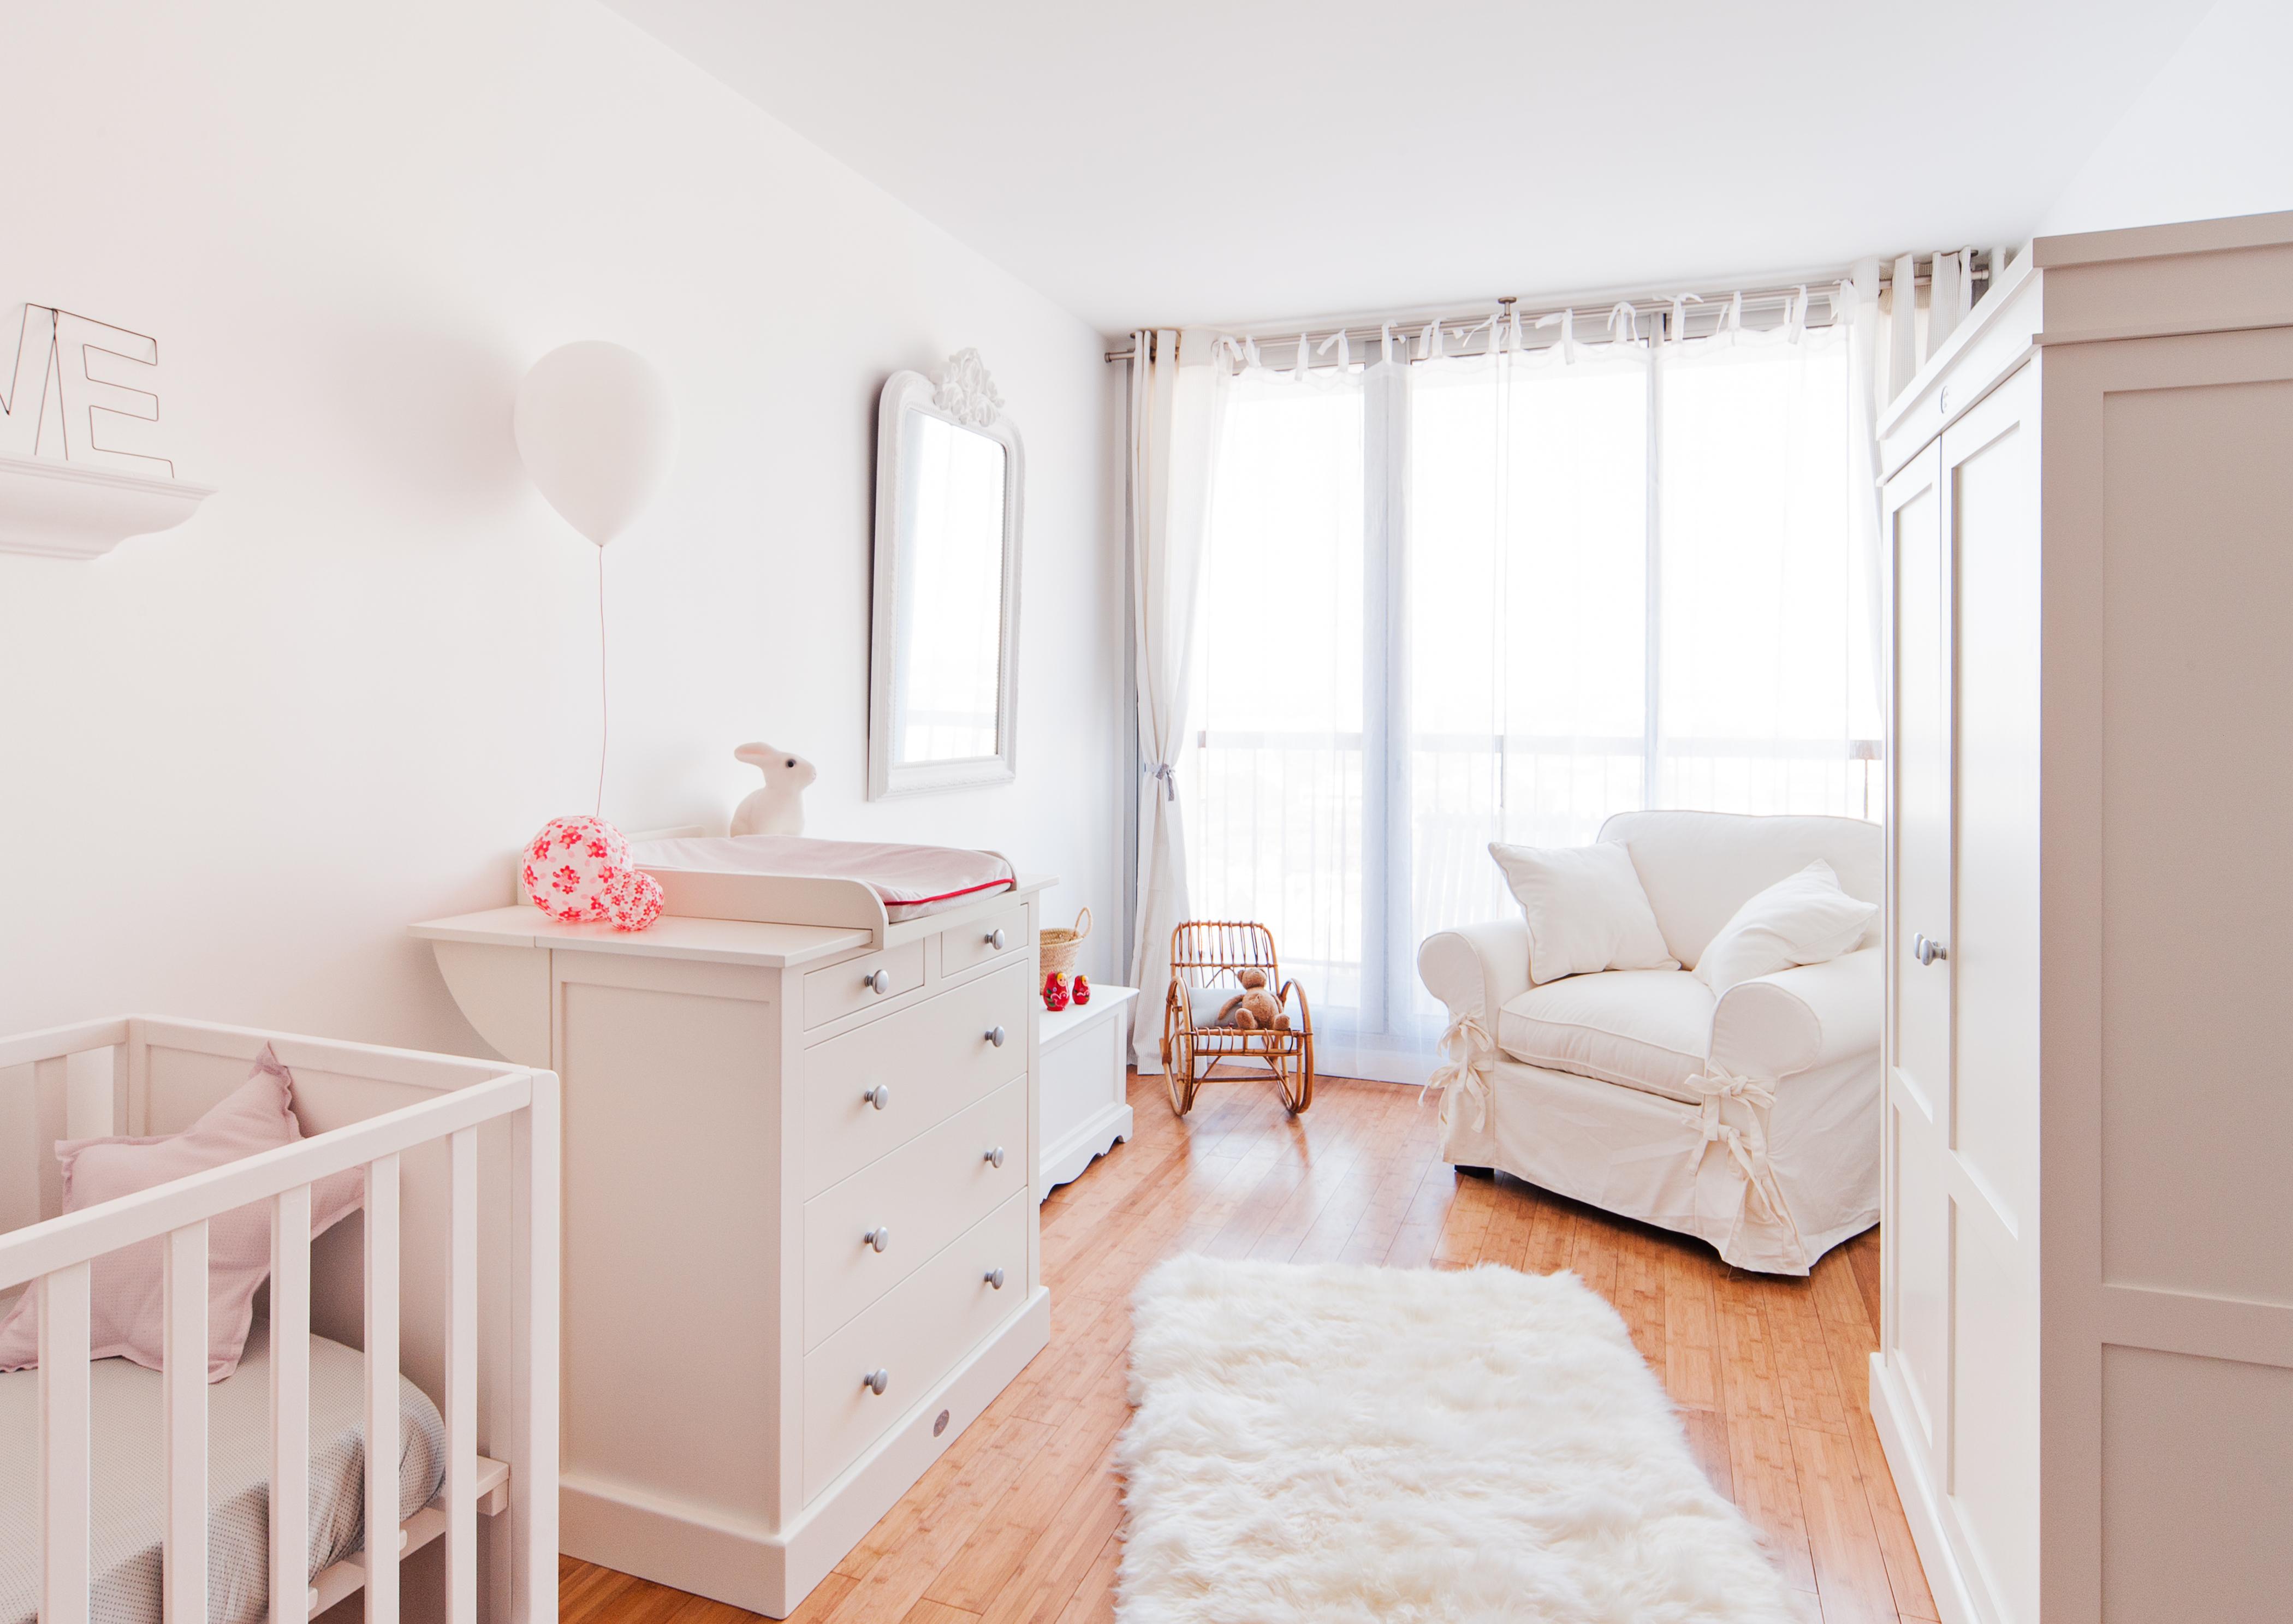 Chambre de b b marion alberge d coratrice d 39 int rieur for Lit bebe petit espace